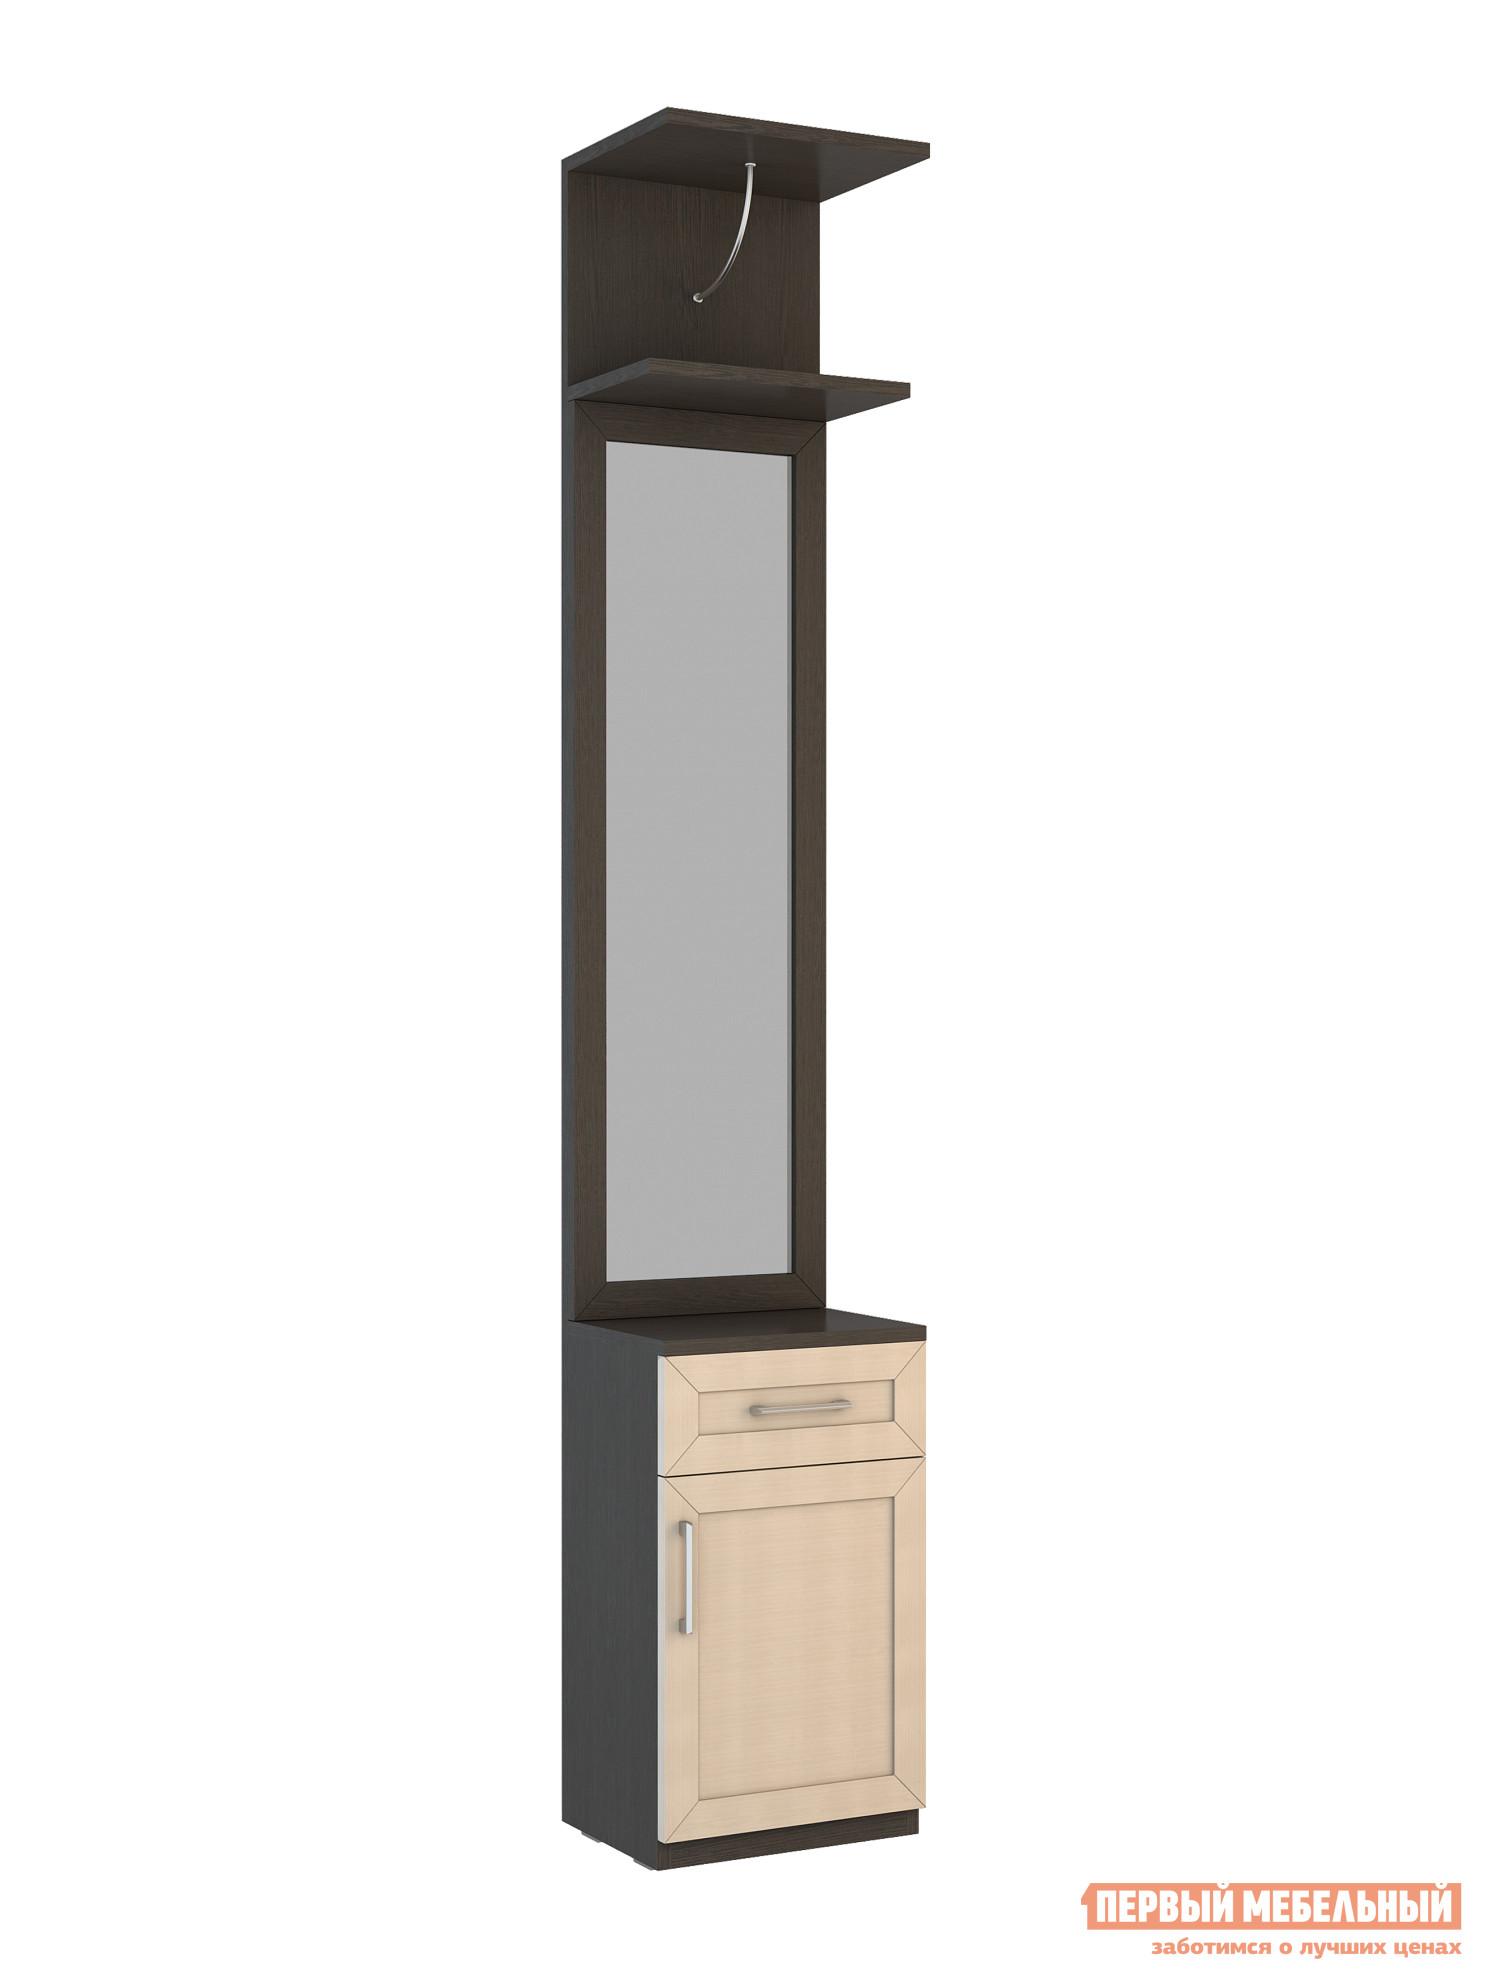 Малогабаритная прихожая для узкого коридора ВасКо СОЛО 059 надстройка васко соло 007 1303 для столов соло 005 соло 021